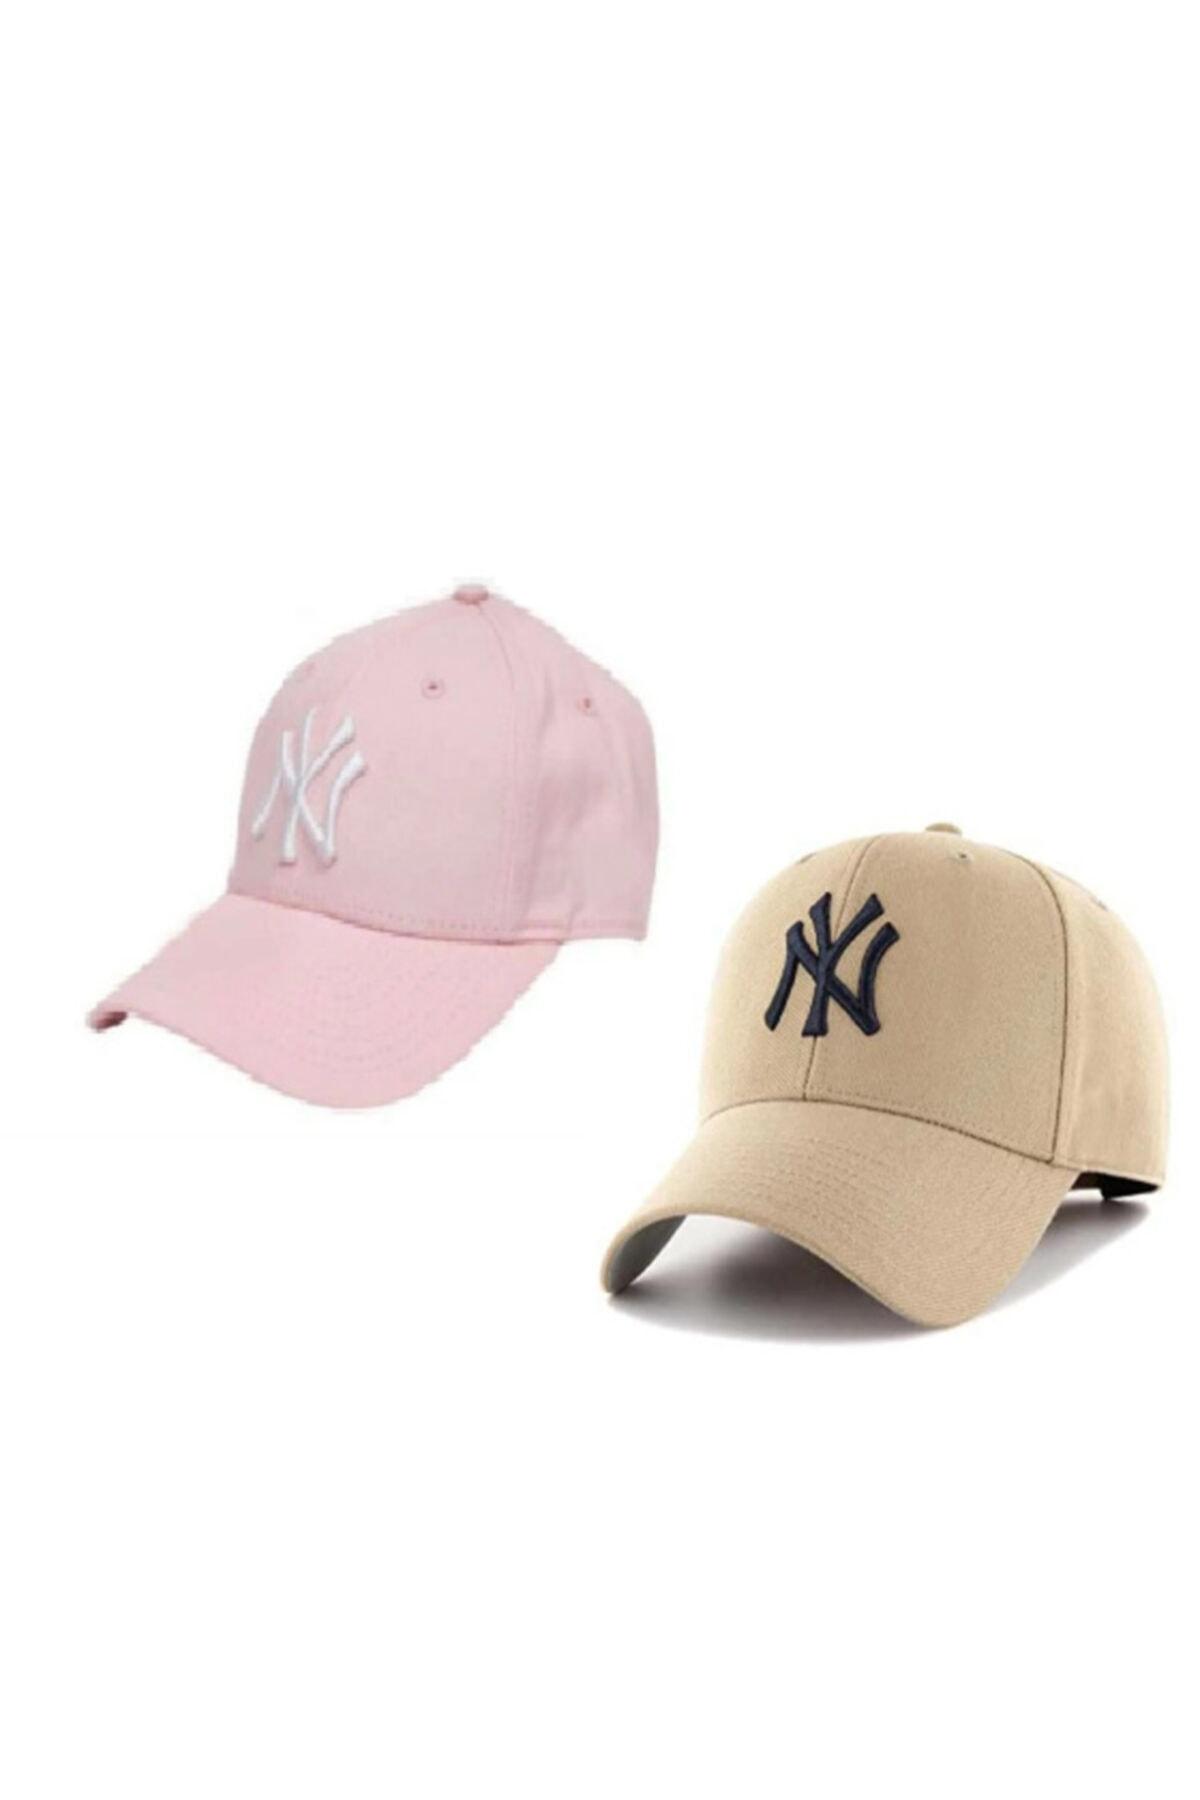 کلاه زنانه اصل مجلسی برند NY Trend رنگ صورتی ty117636979